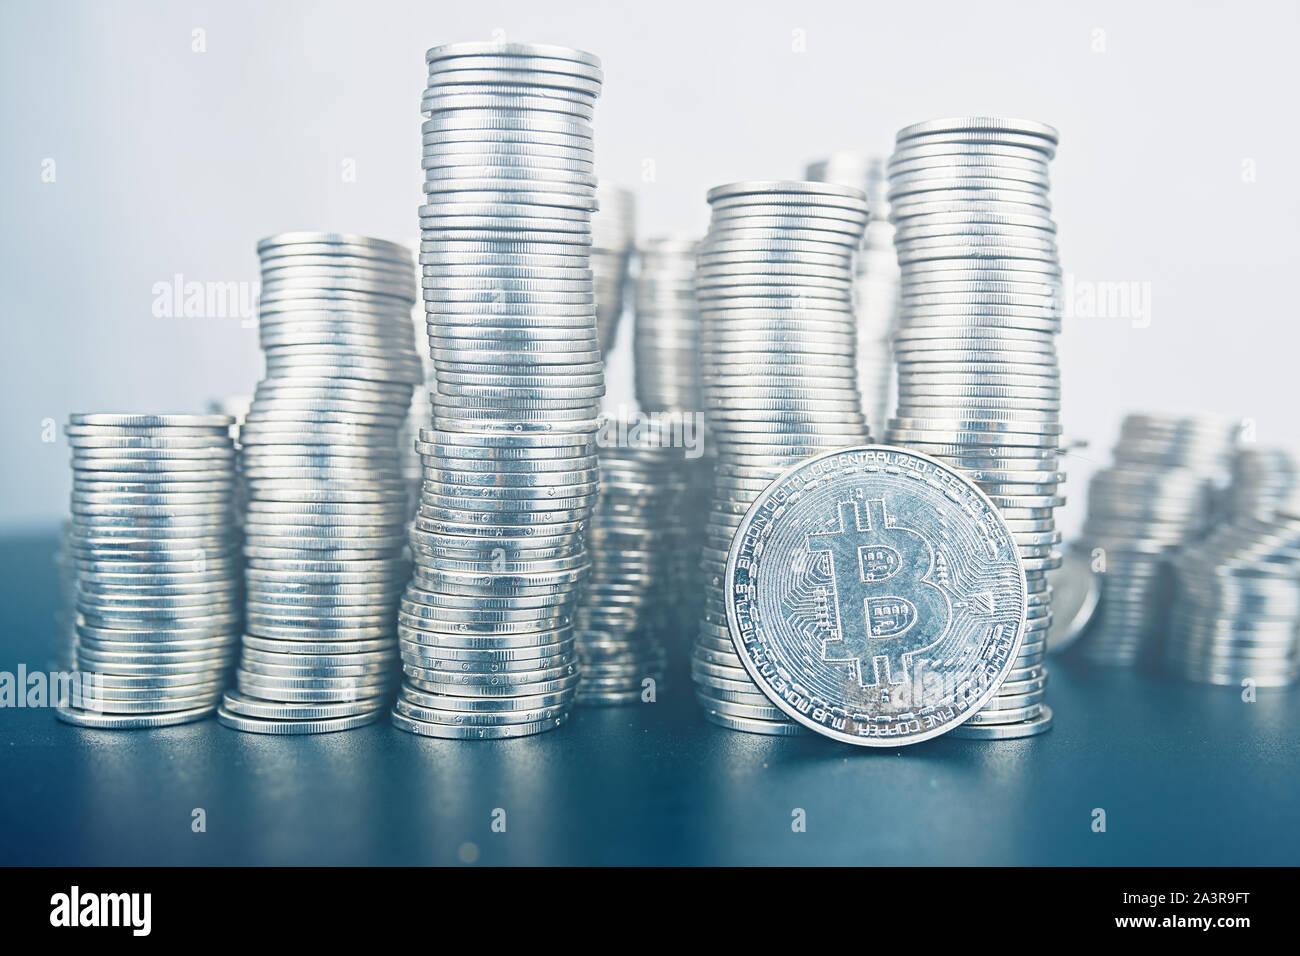 Lugar de cryptocurrency. Gran cantidad de bitcoin. Vale la pena invertir en criptografía. Foto de stock